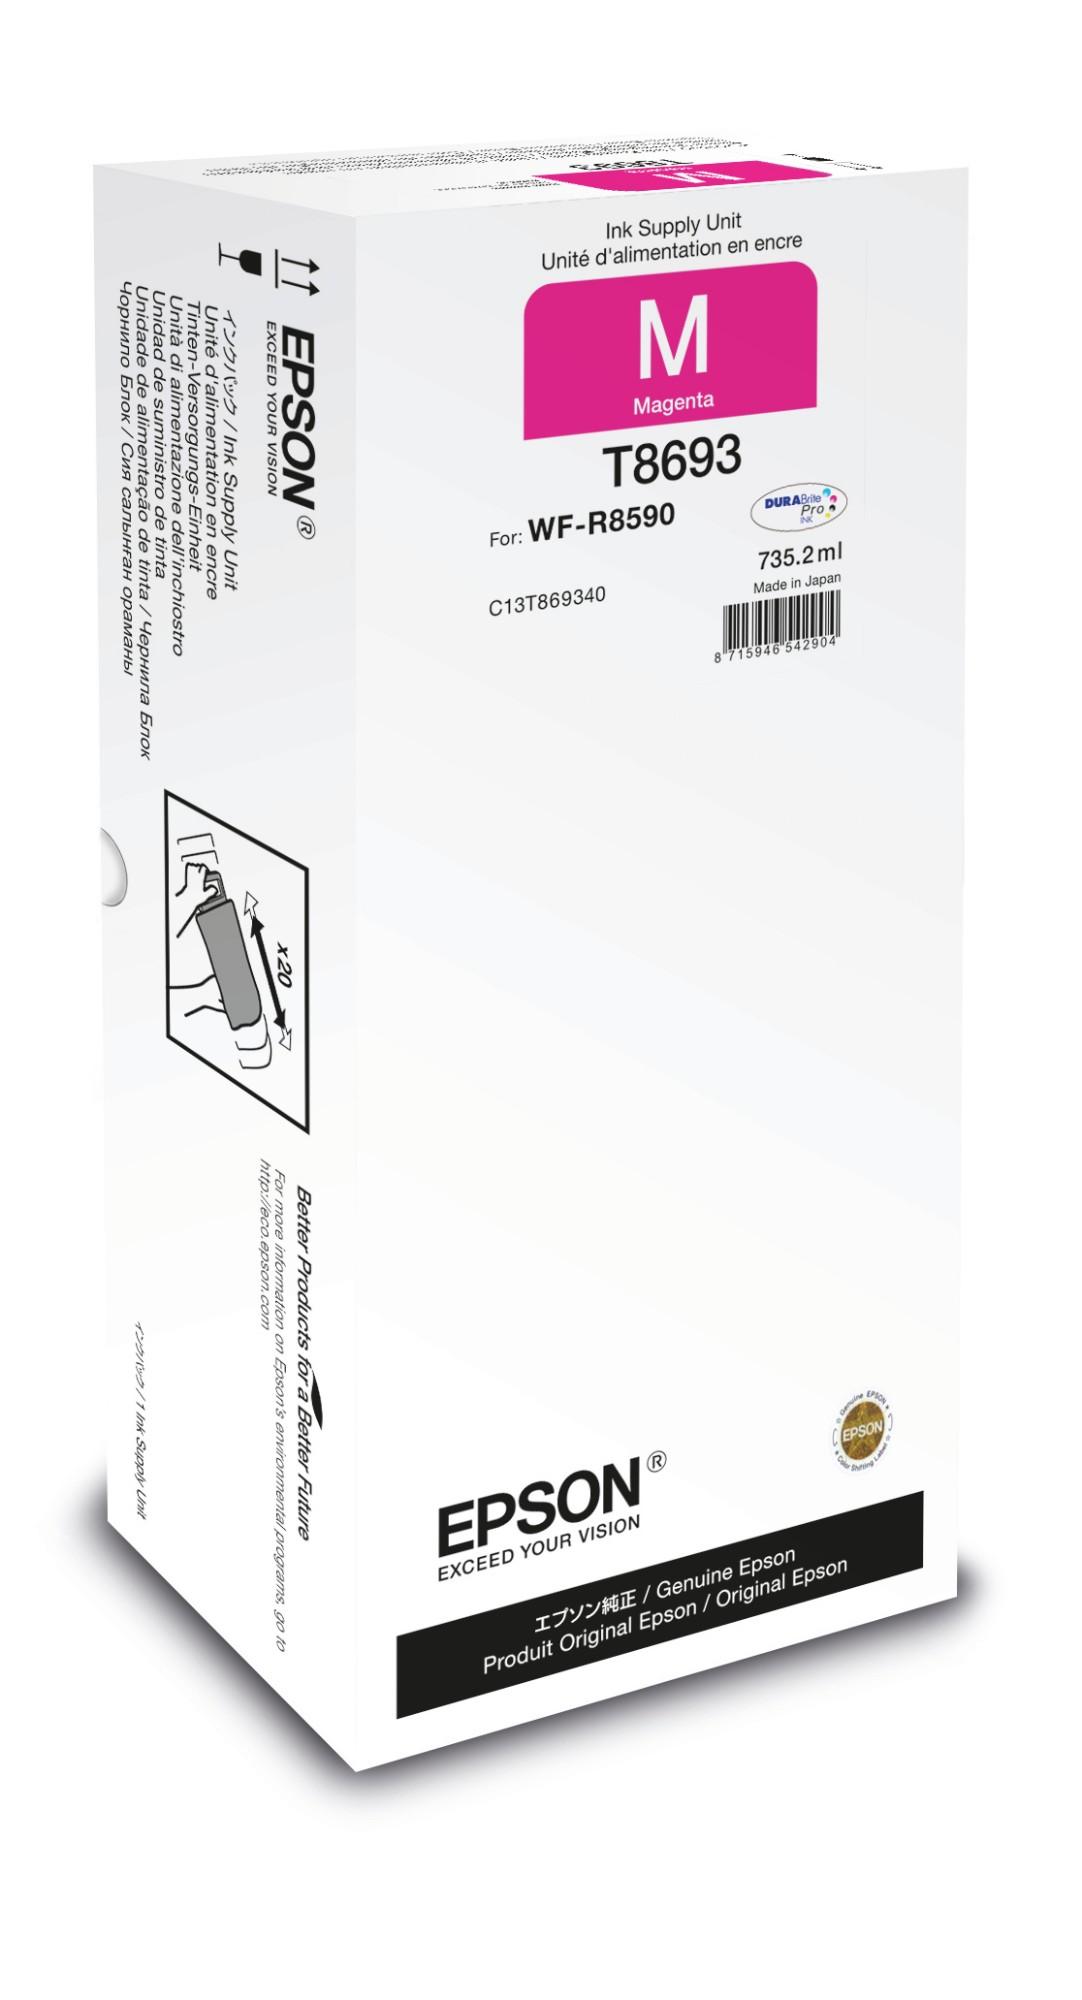 Epson Unidad de suministro de tinta T8693 magenta XXL